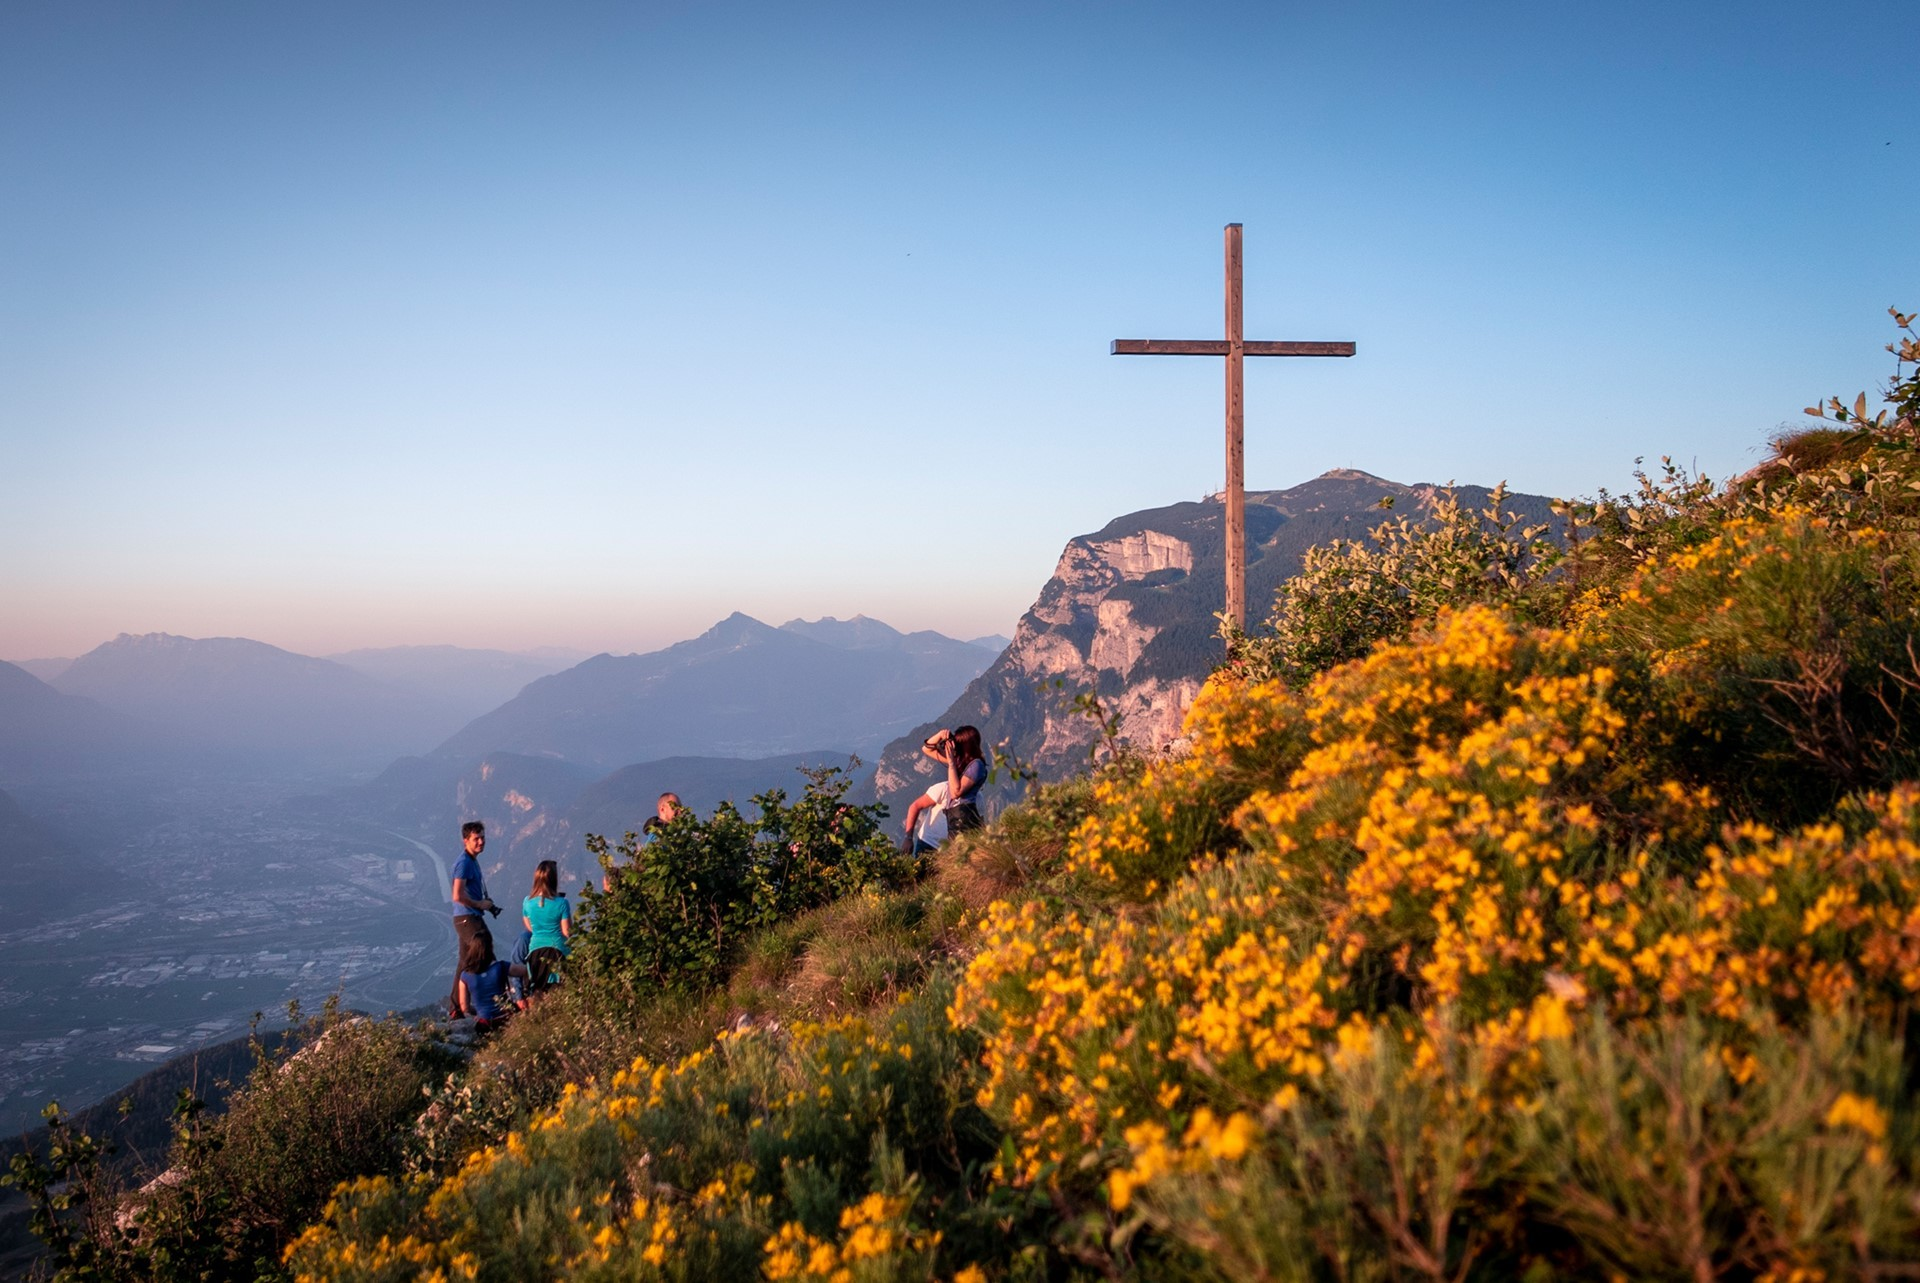 L'alba sul Monte Fausior